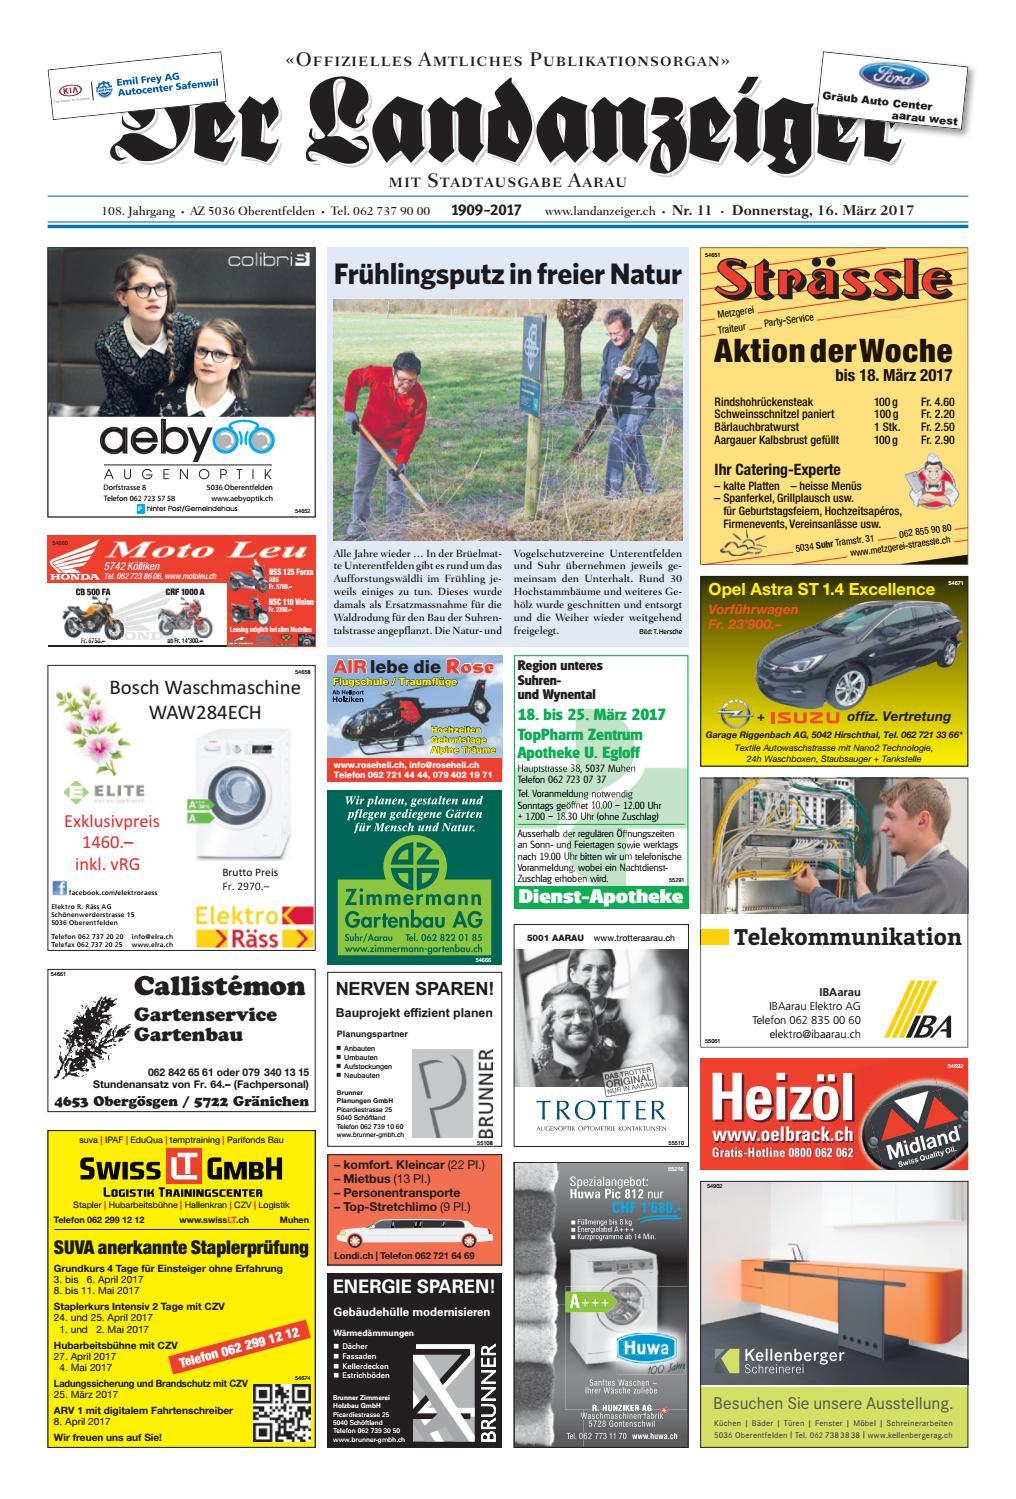 lovely einfache dekoration und mobel nachhaltiges wohnen neugrueen in mellingen #1: Der Landanzeiger 11/17 by ZT Medien AG - issuu